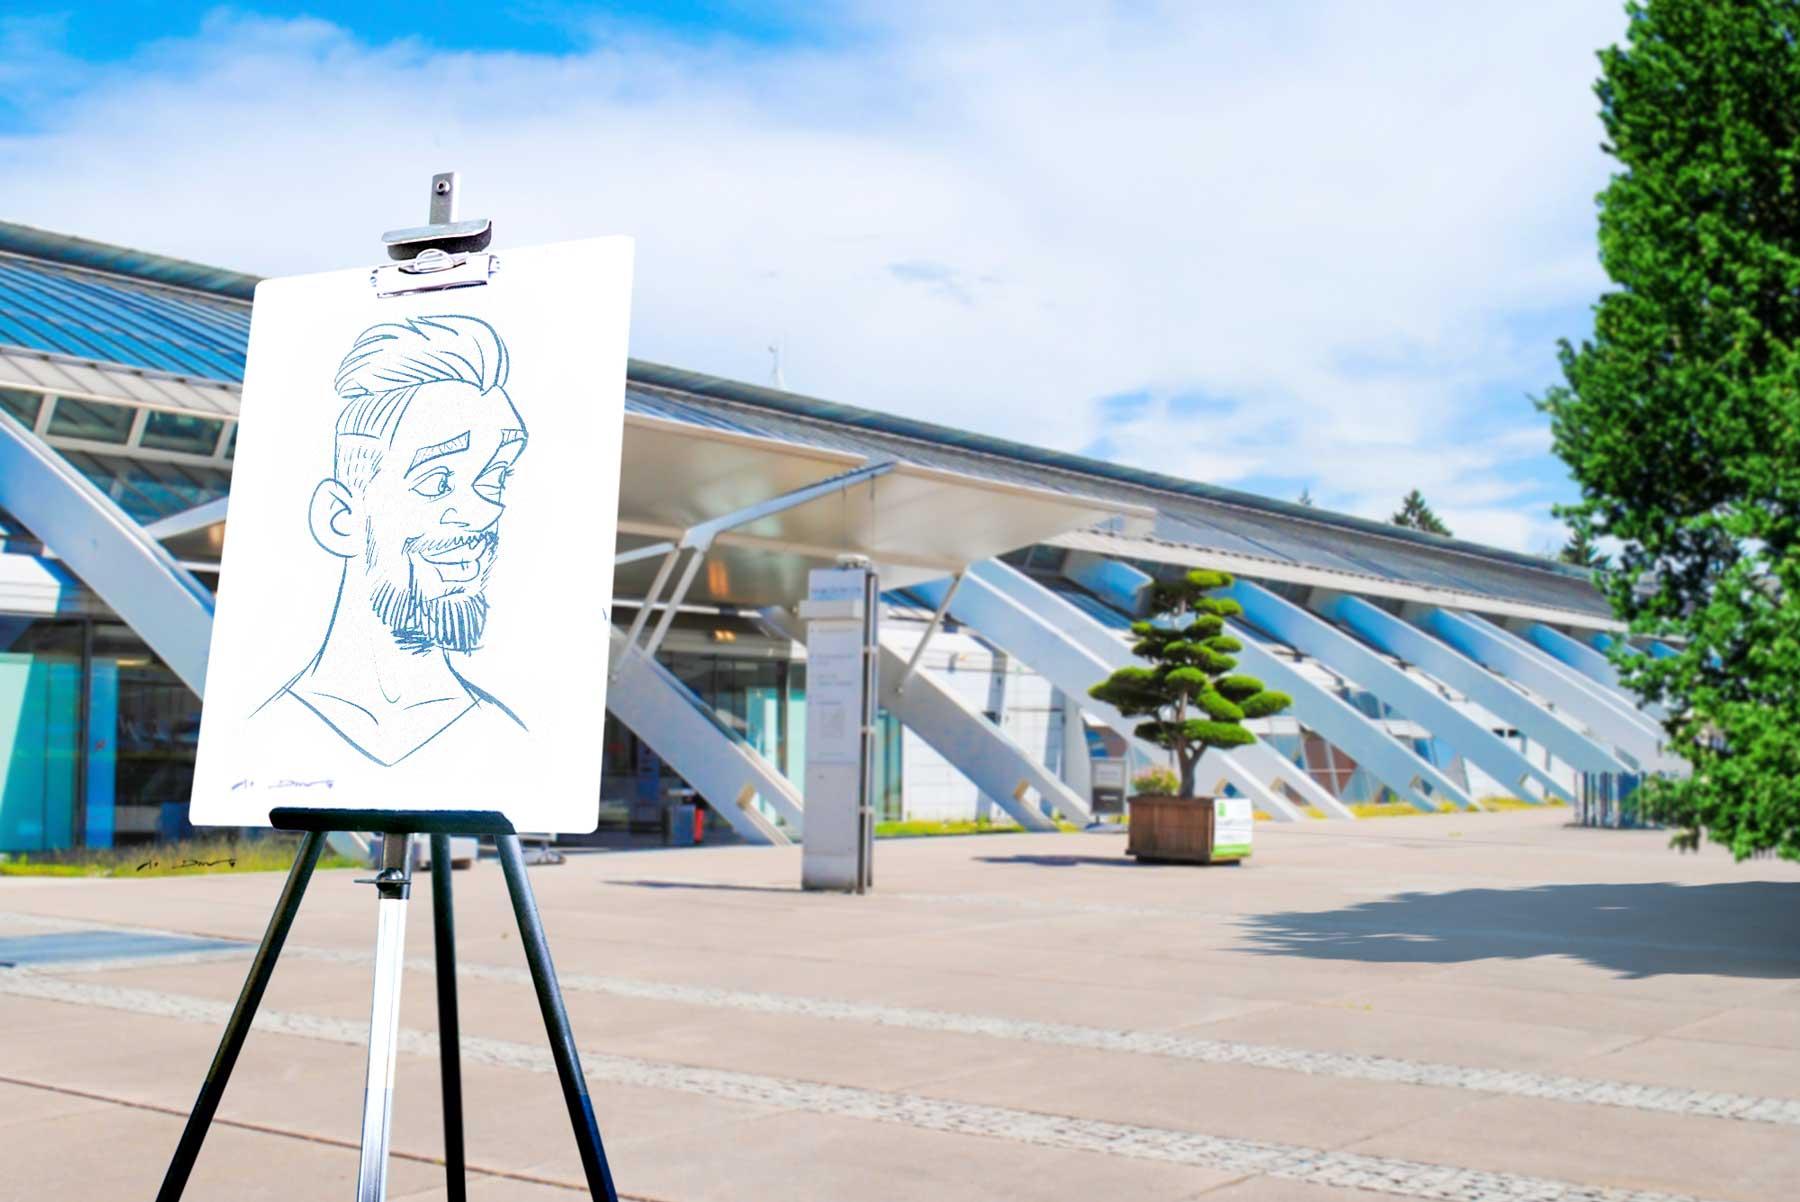 Karikaturist und Schnellzeichner für Linz und Umgebung